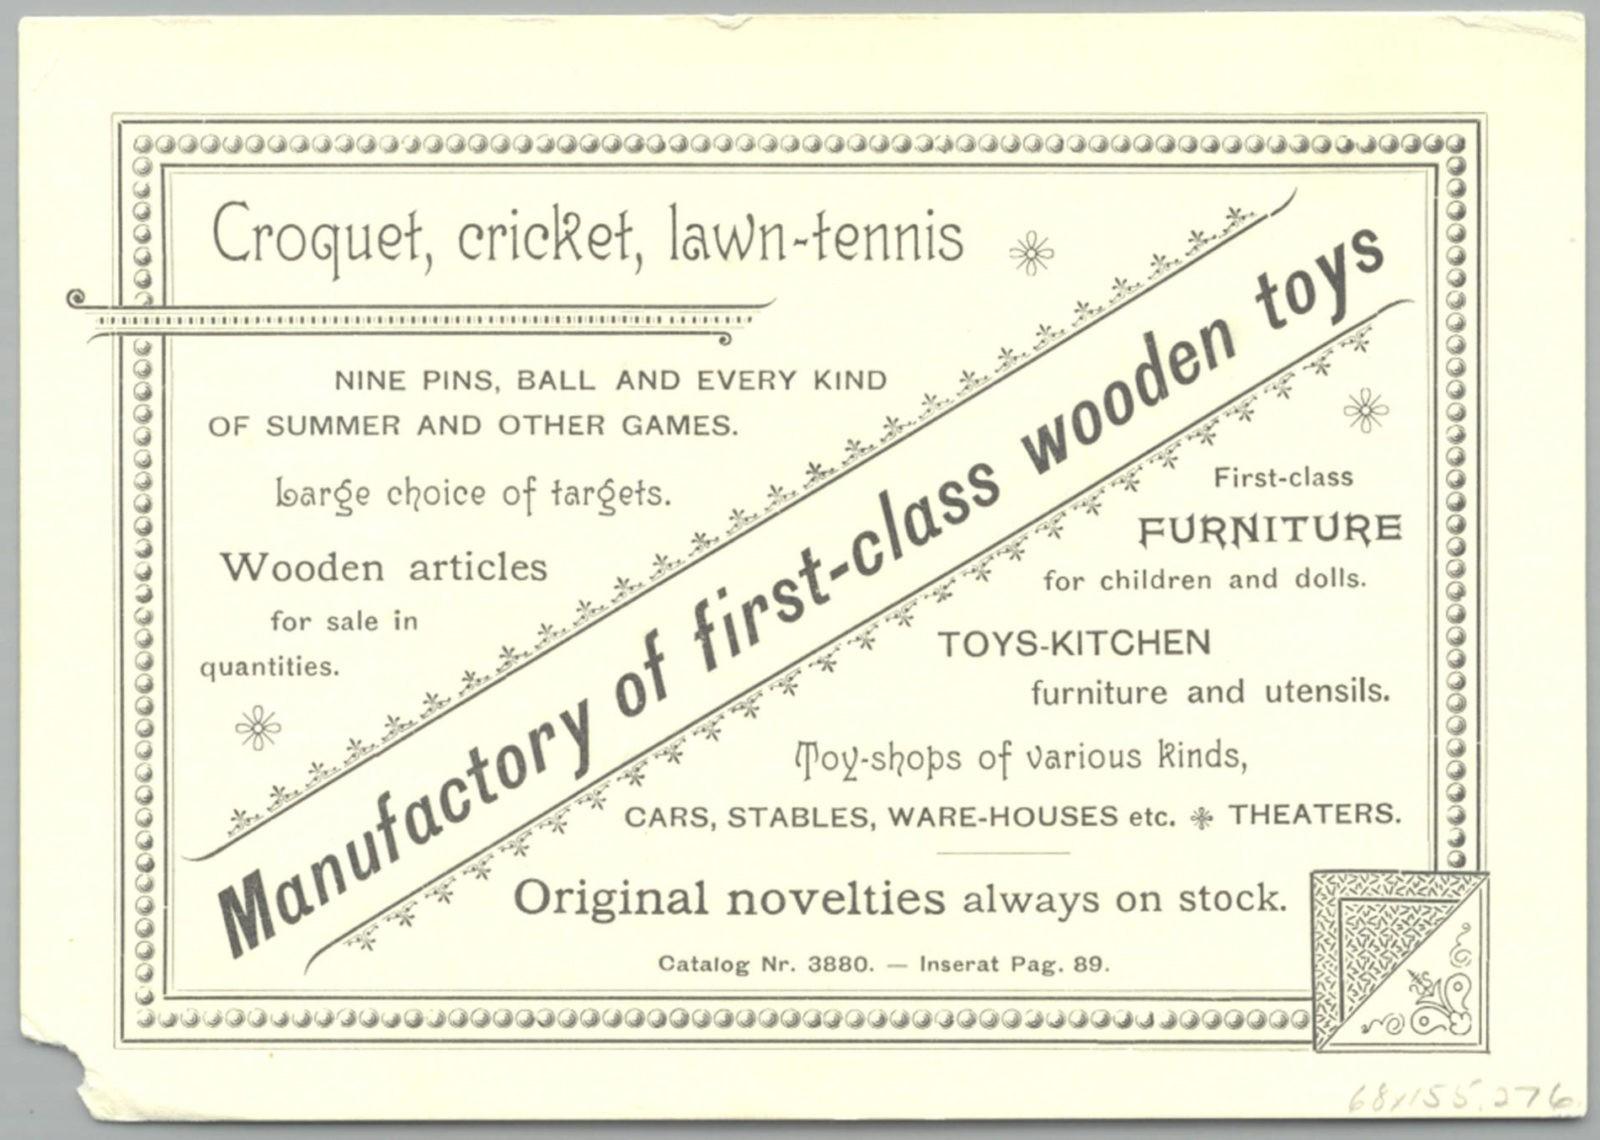 Игра крокет - Рекламная листовка 1893 года